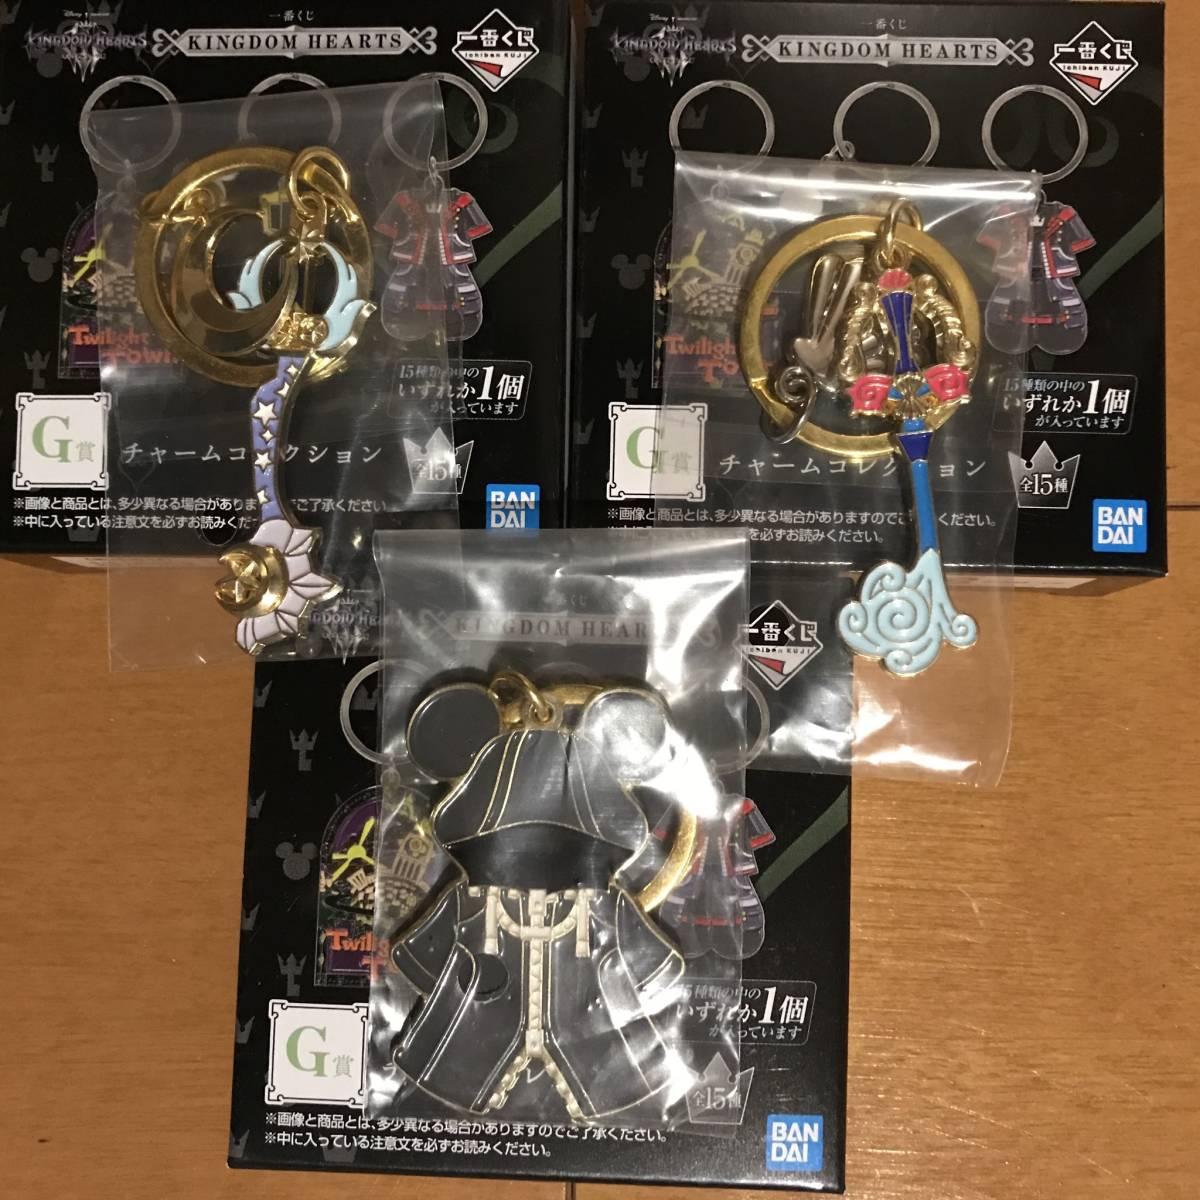 キングダムハーツ 一番くじ G賞 チャームコレクション 3種セット